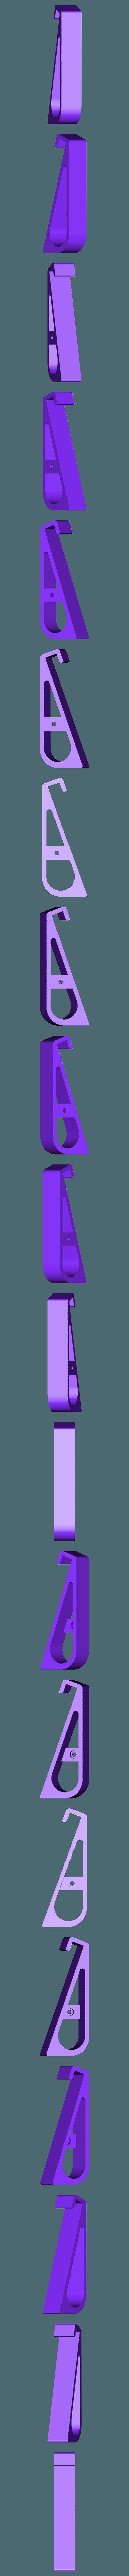 RightMount.stl Télécharger fichier STL gratuit Support de tablette pour le Creality Ender 3 • Modèle pour impression 3D, Kliffom